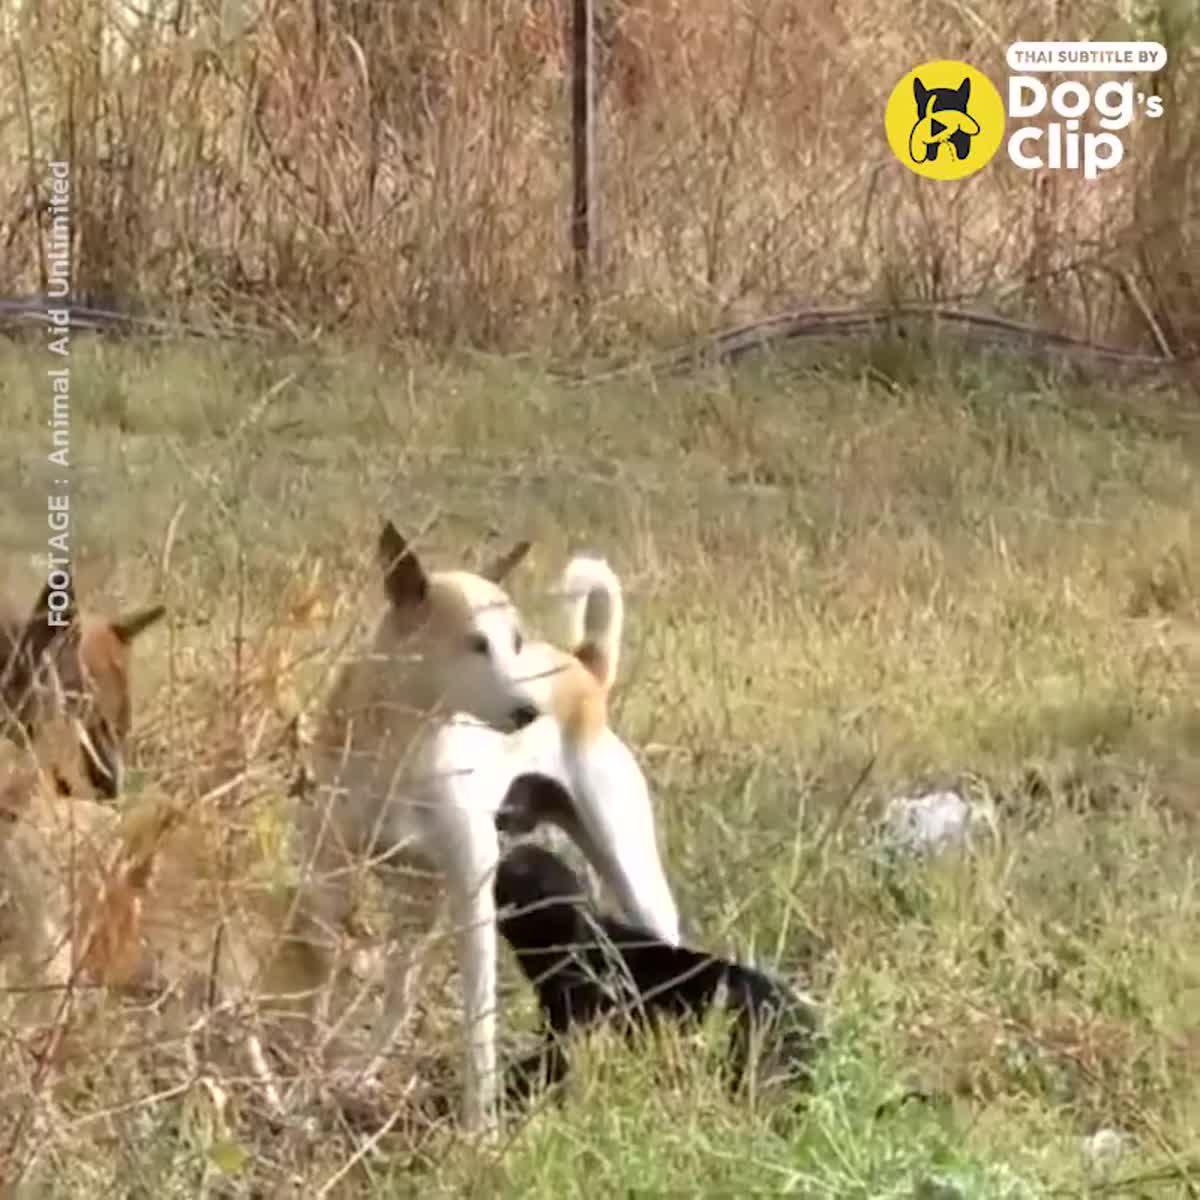 ภารกิจช่วยน้องหมาที่ตกลงไปในท่อ